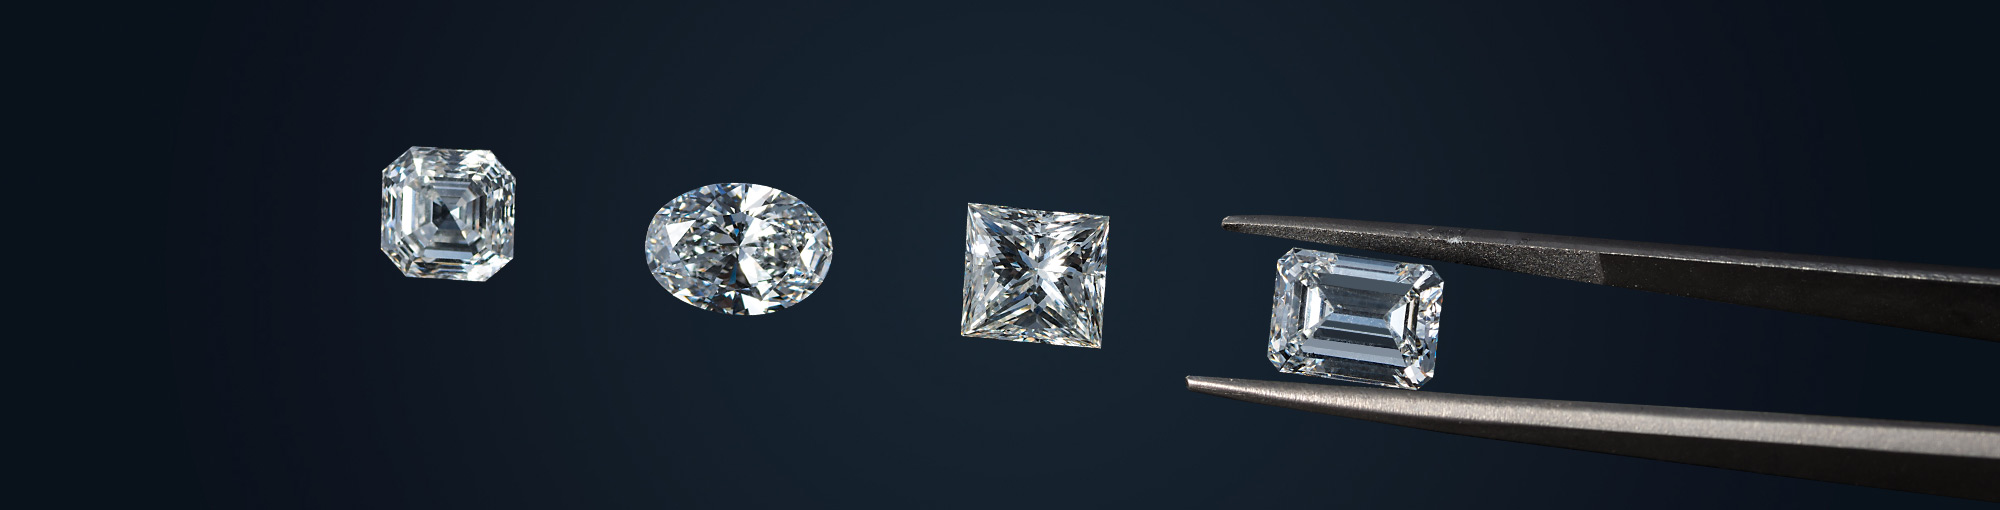 about_diamonds_1